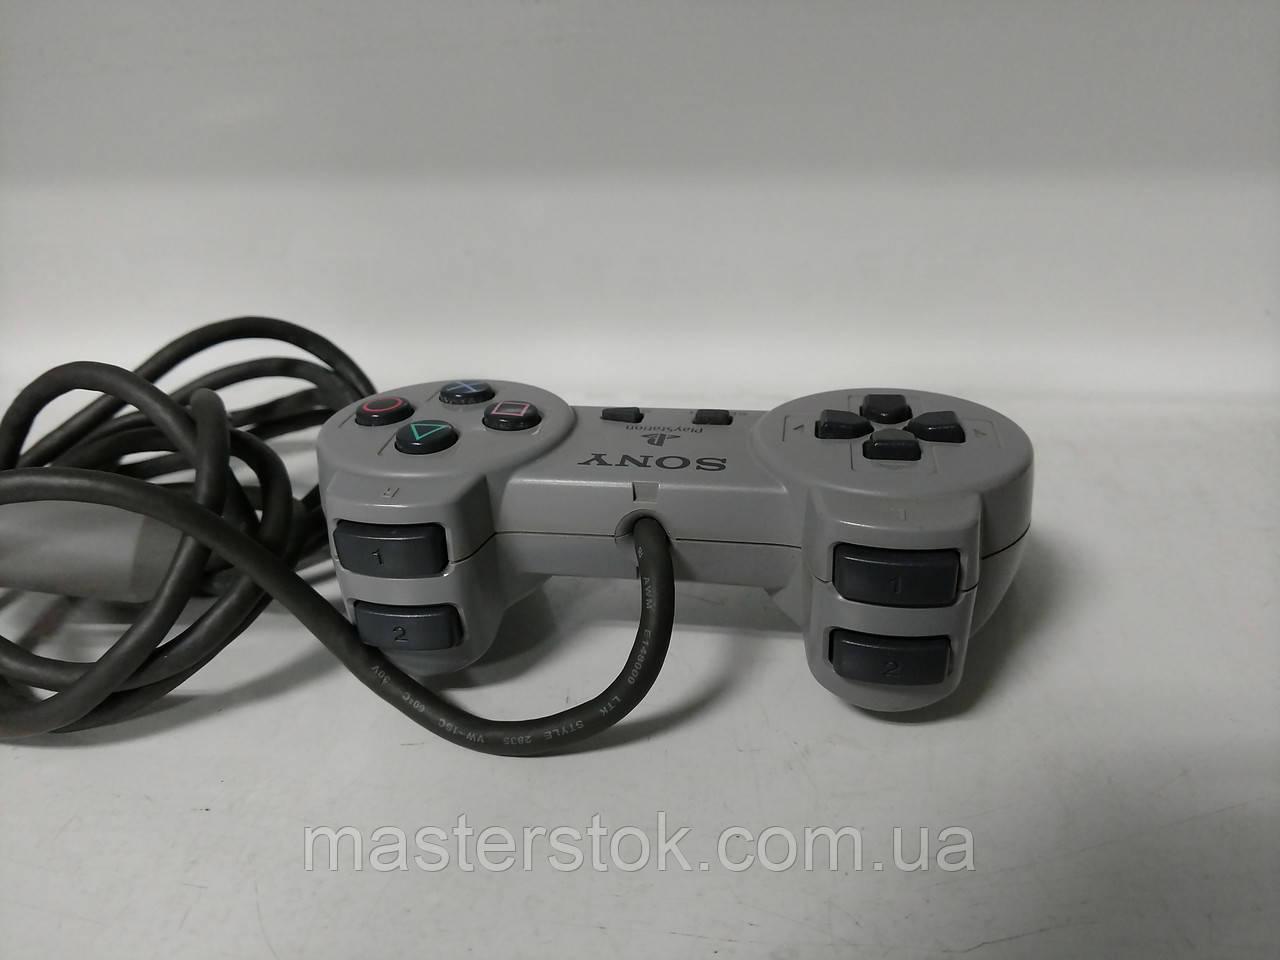 Джойстики Playstation 1(Dualshock 1), оригинал 4